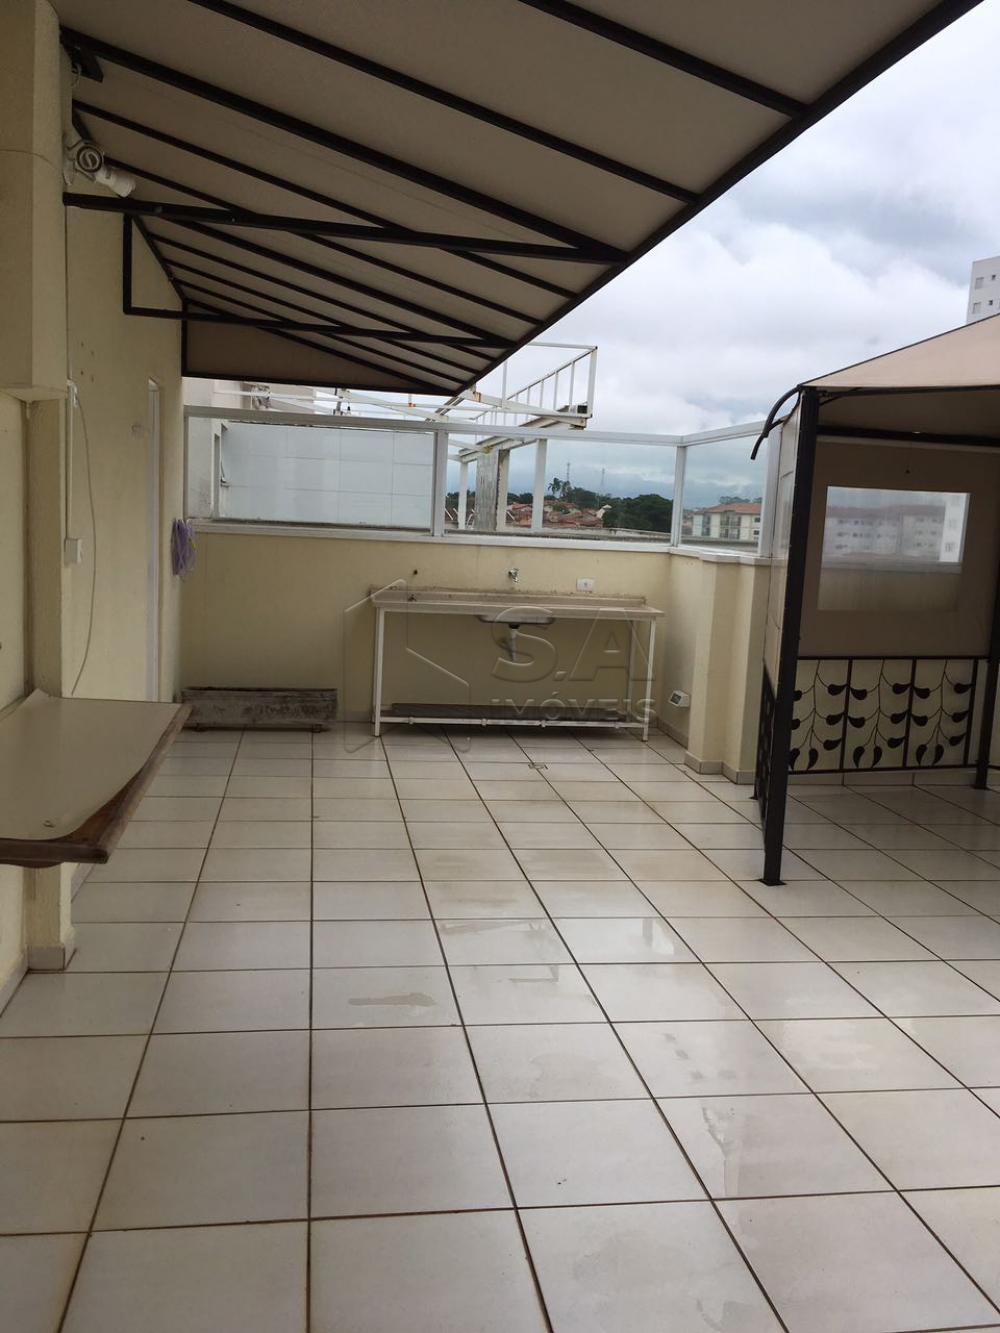 Comprar Apartamento / Padrão em Botucatu apenas R$ 700.000,00 - Foto 24